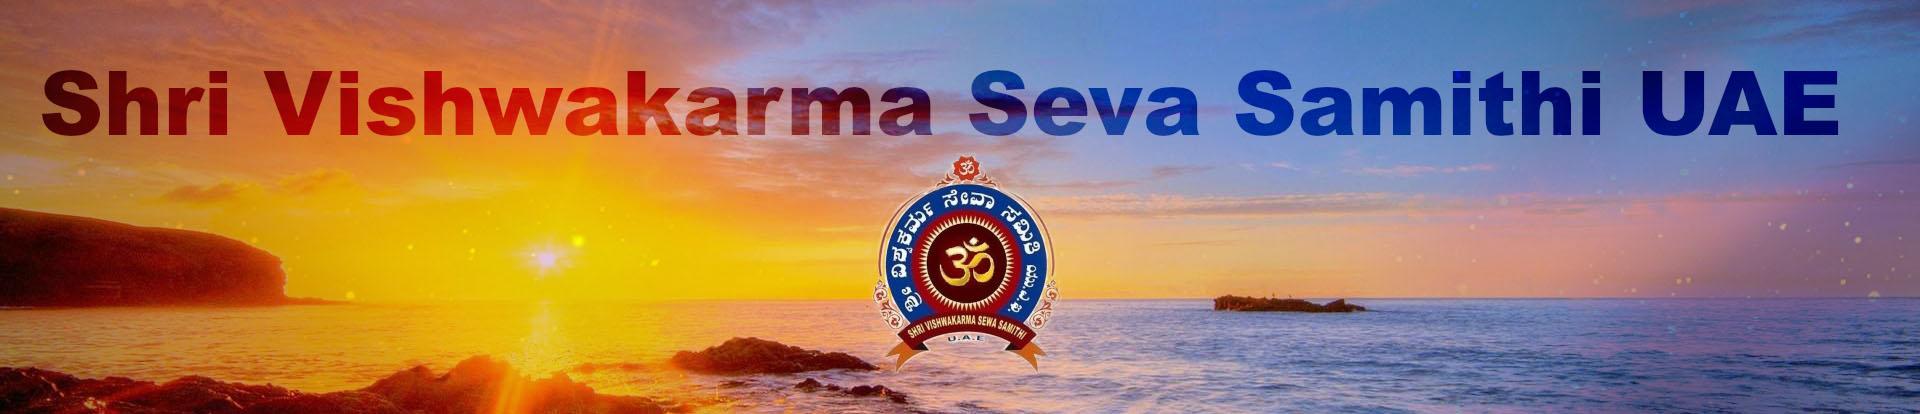 Shri Vishwakarma Seva Samithi